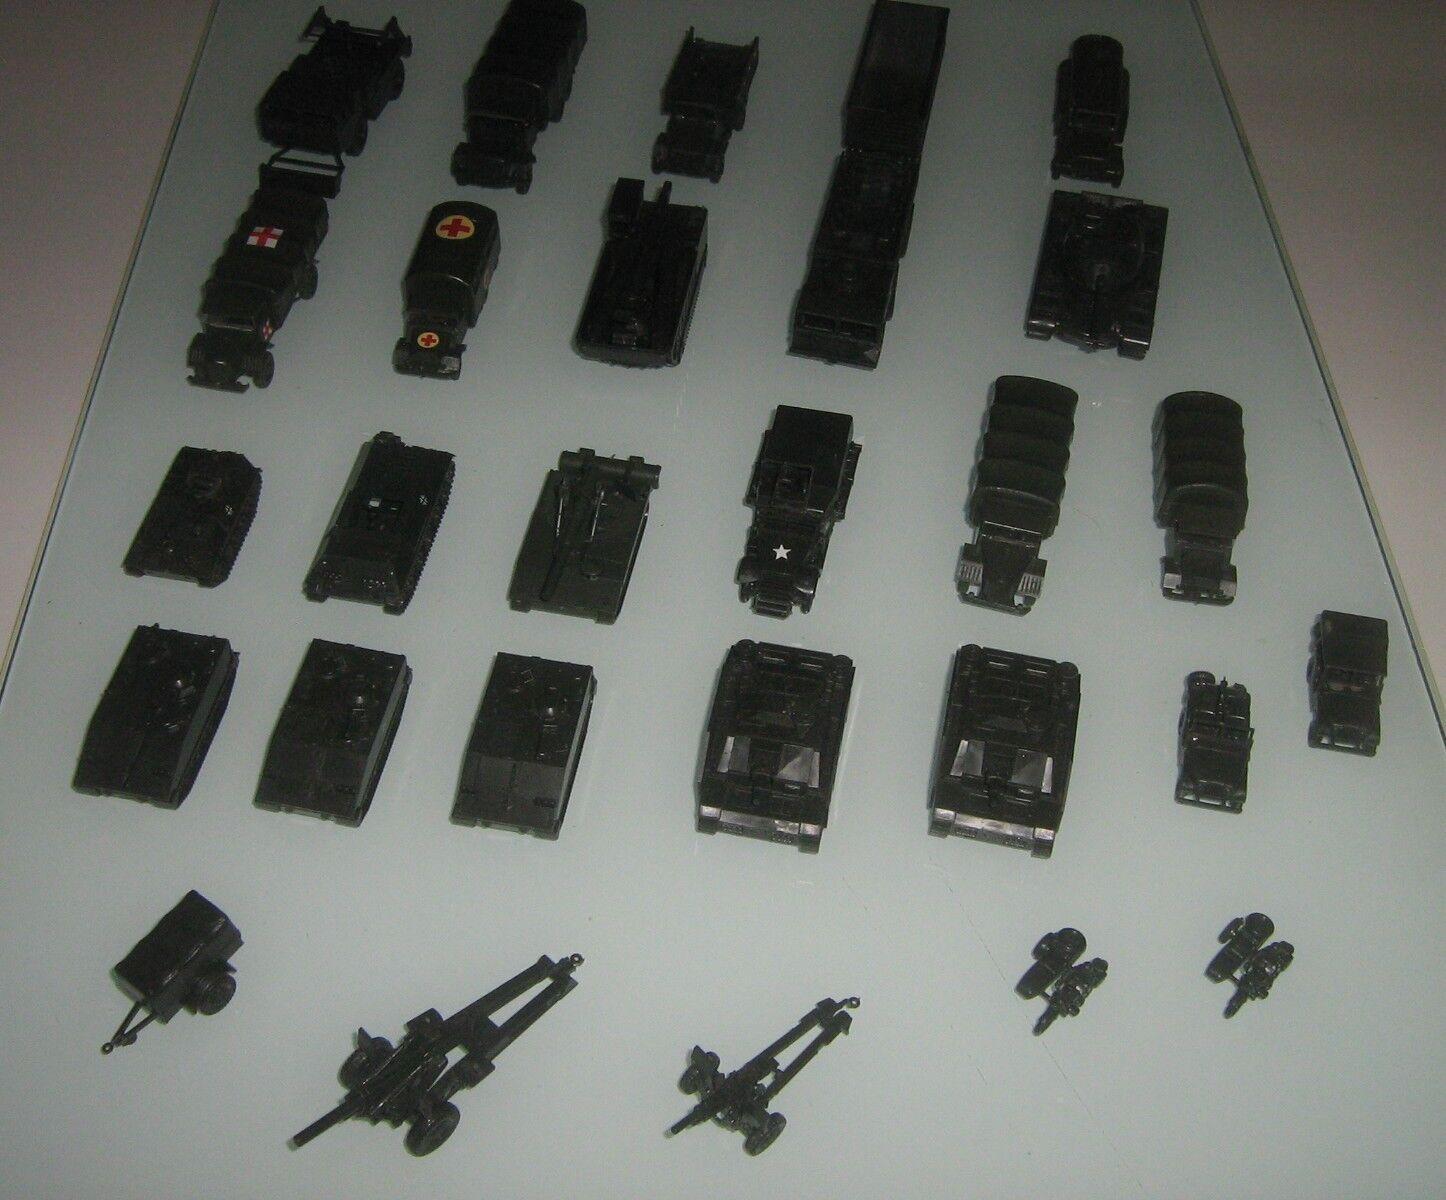 Roco Roco Roco 1 87 mini tanks konvolut (32 teile) 93f387